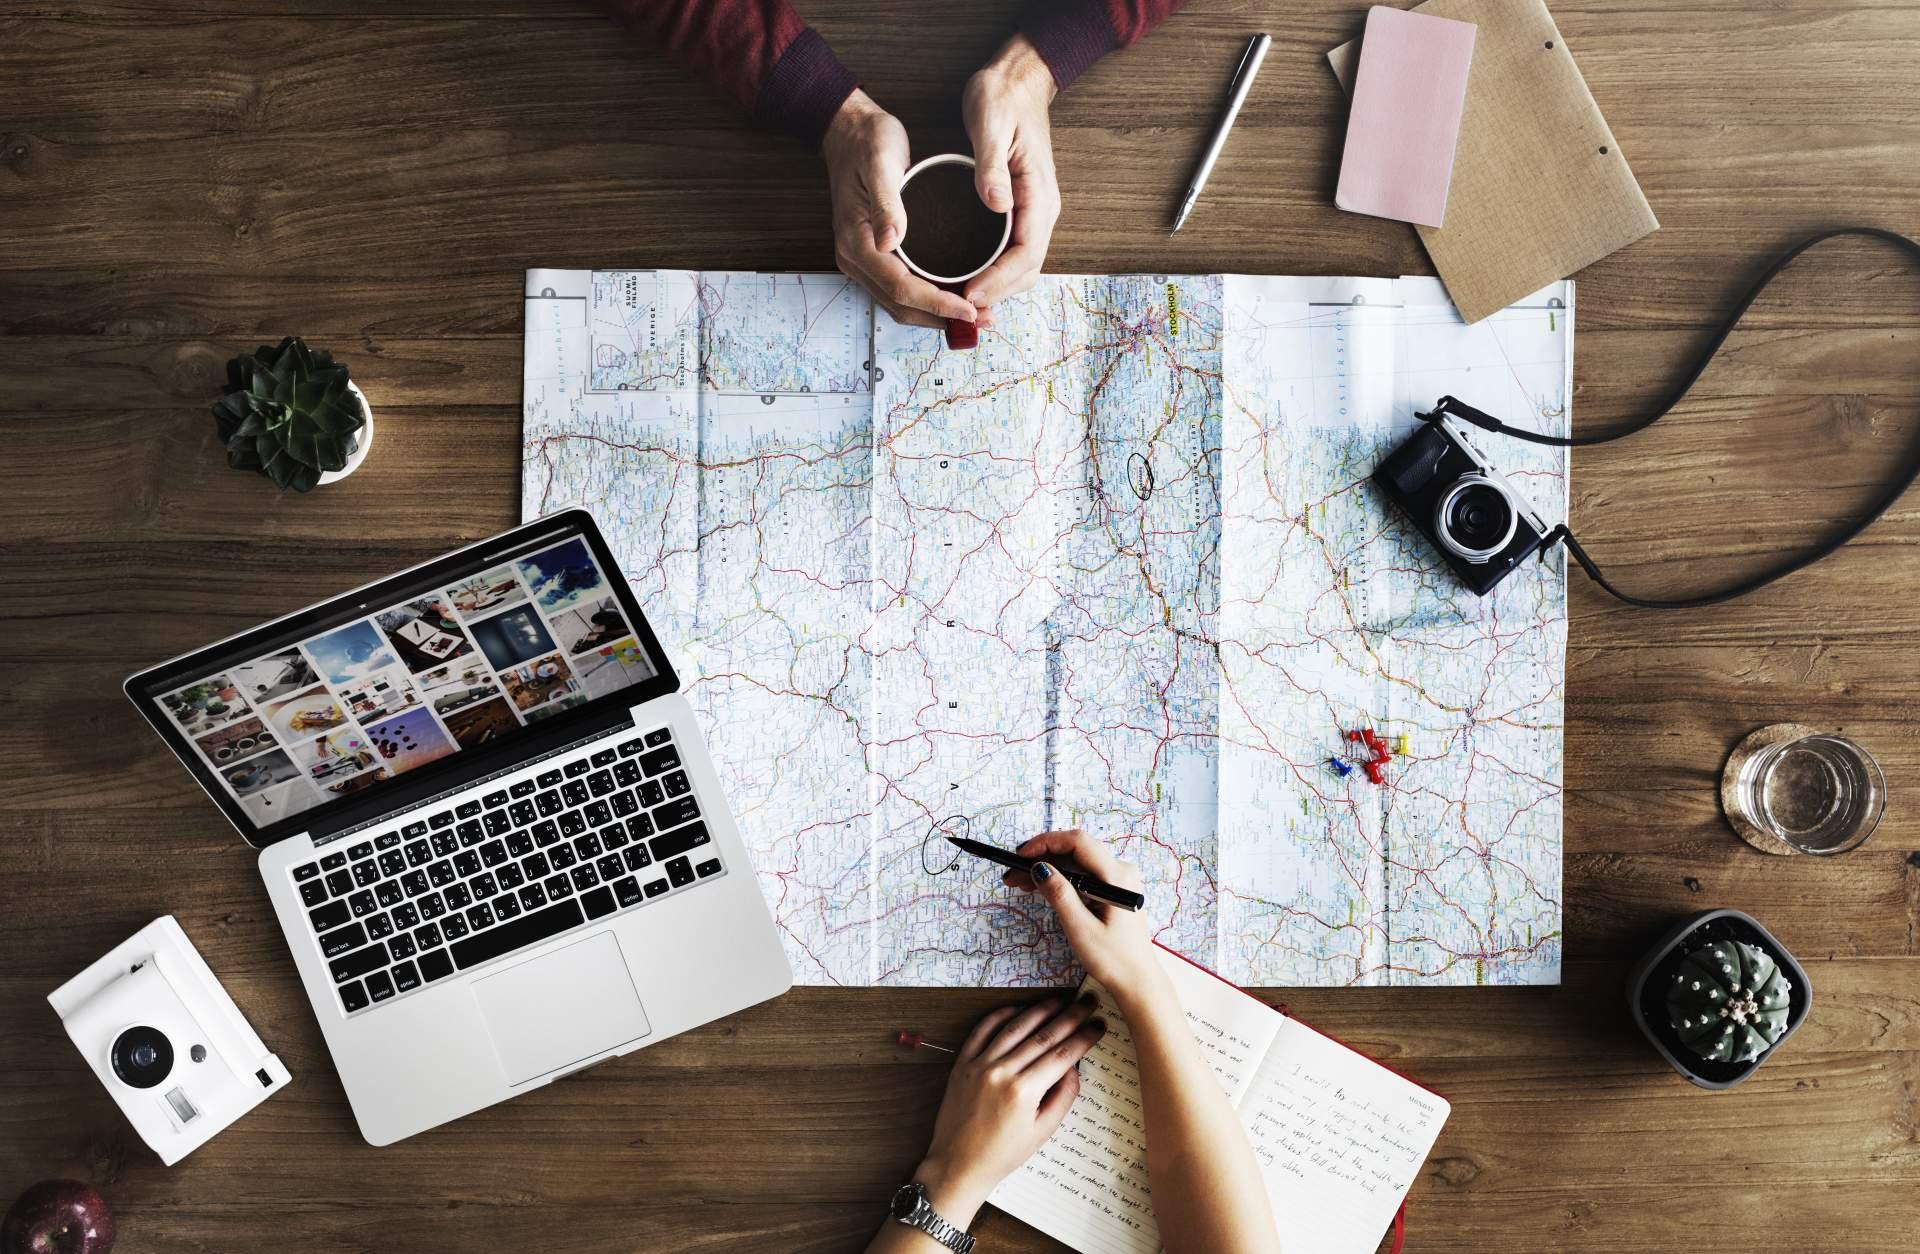 Bei der Reiseplanung sind iPad und Notebook ähnlich praktisch.